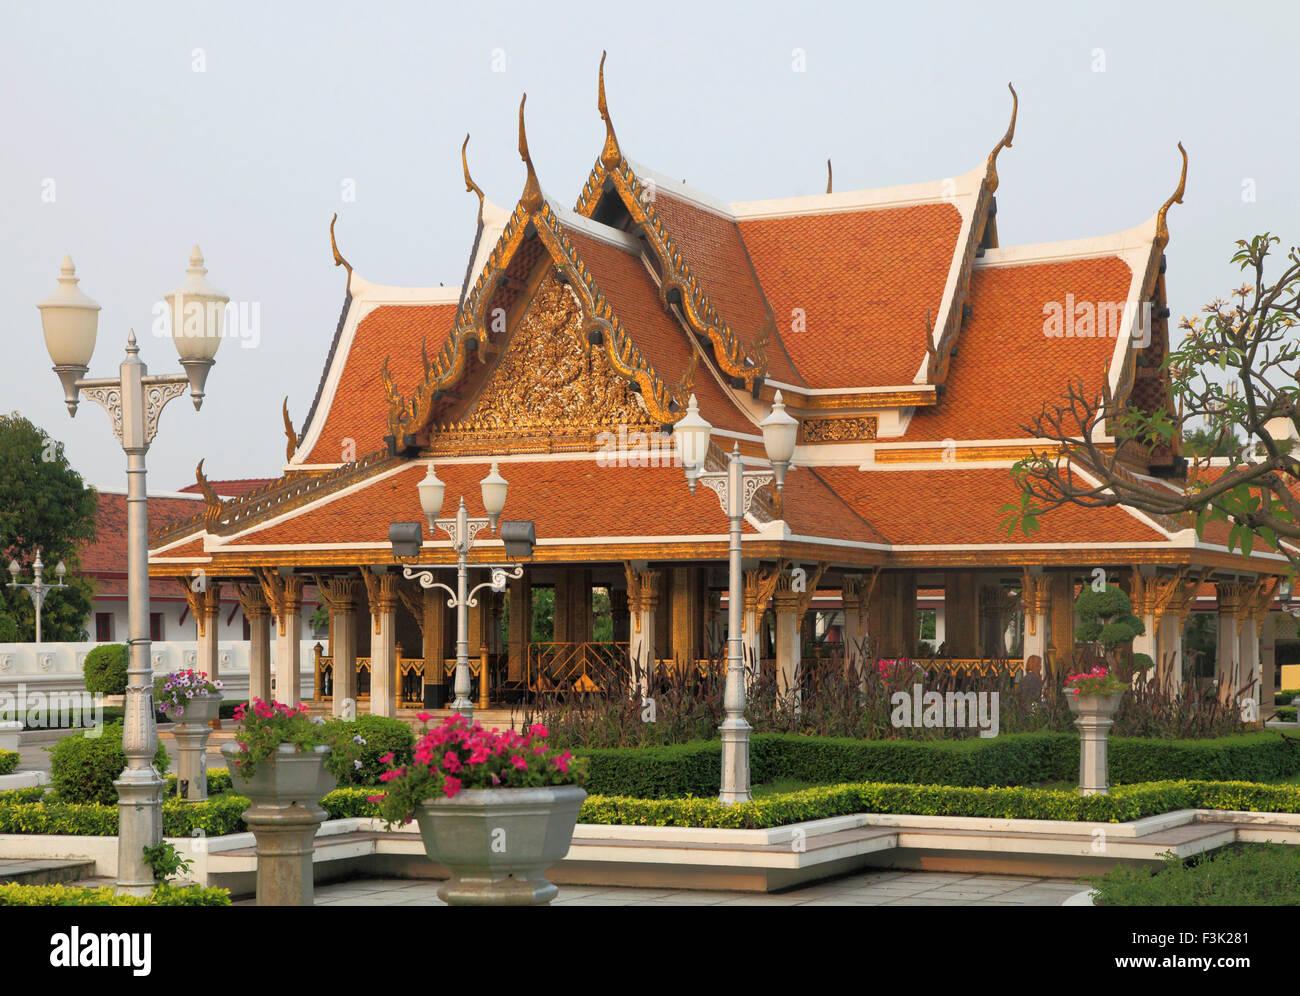 Thailand, Bangkok, pavilion, traditional architecture, - Stock Image